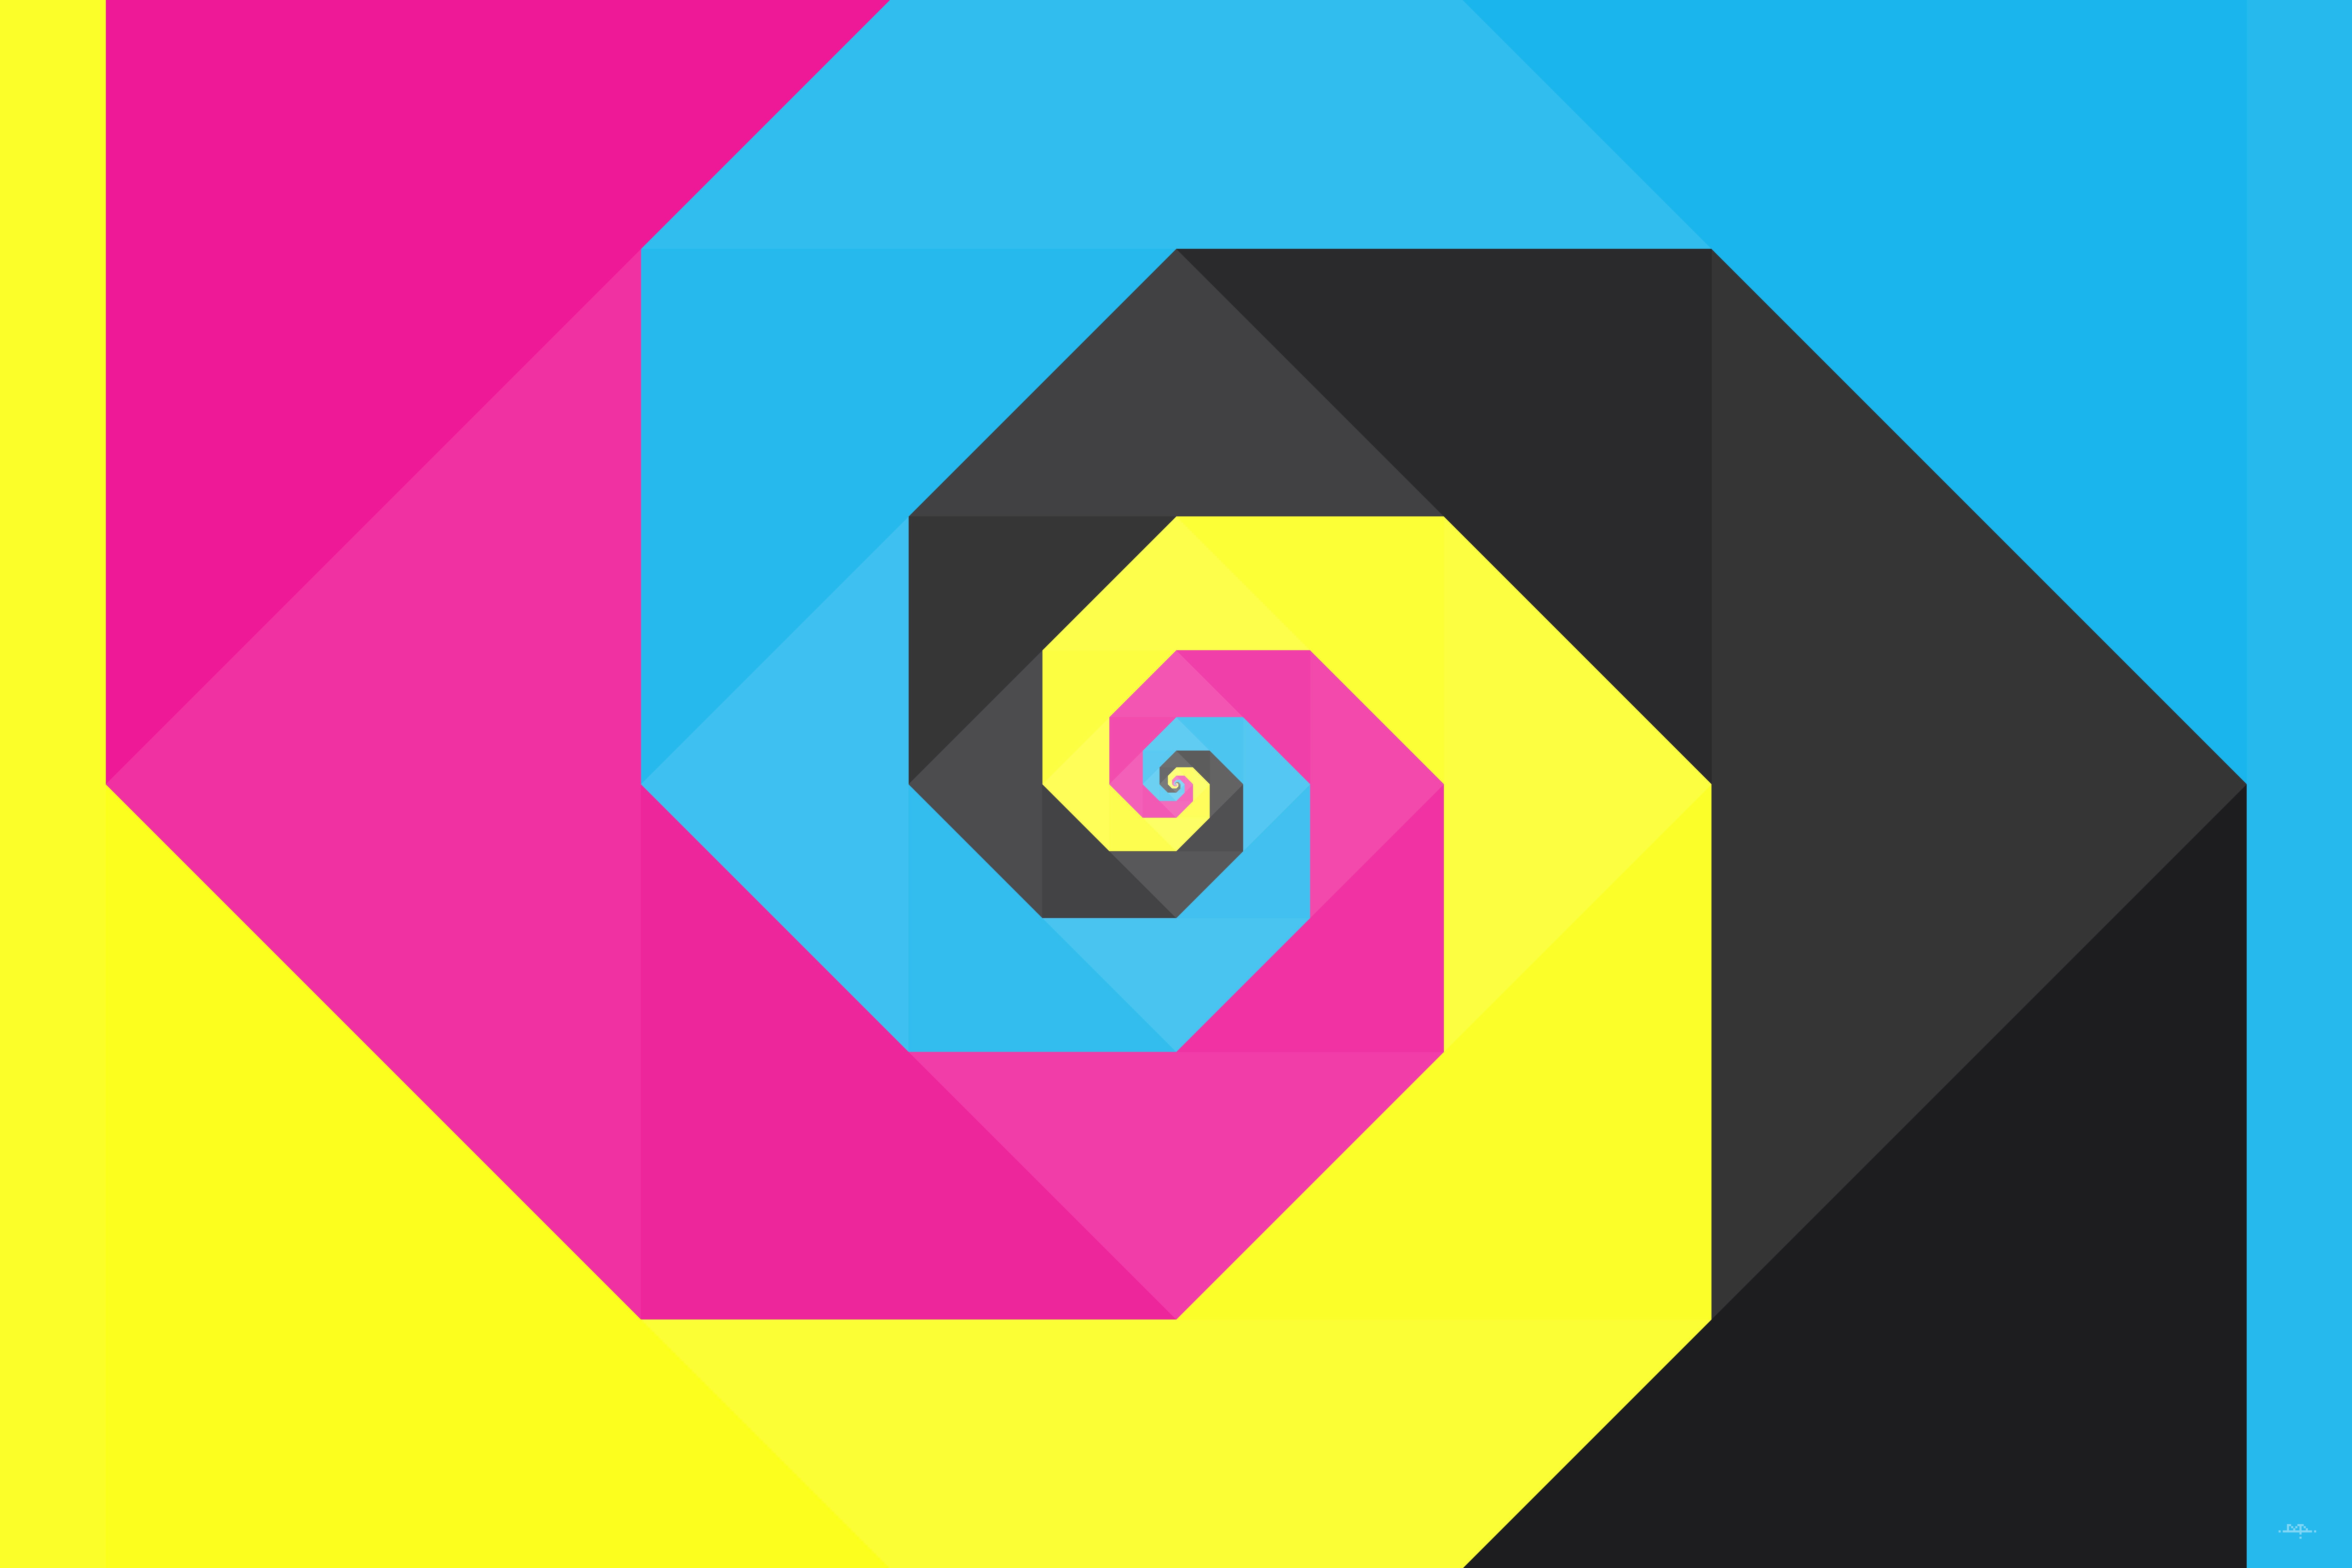 CMYK spiral v2 by darokin on DeviantArt: darokin.deviantart.com/art/CMYK-spiral-v2-369881910